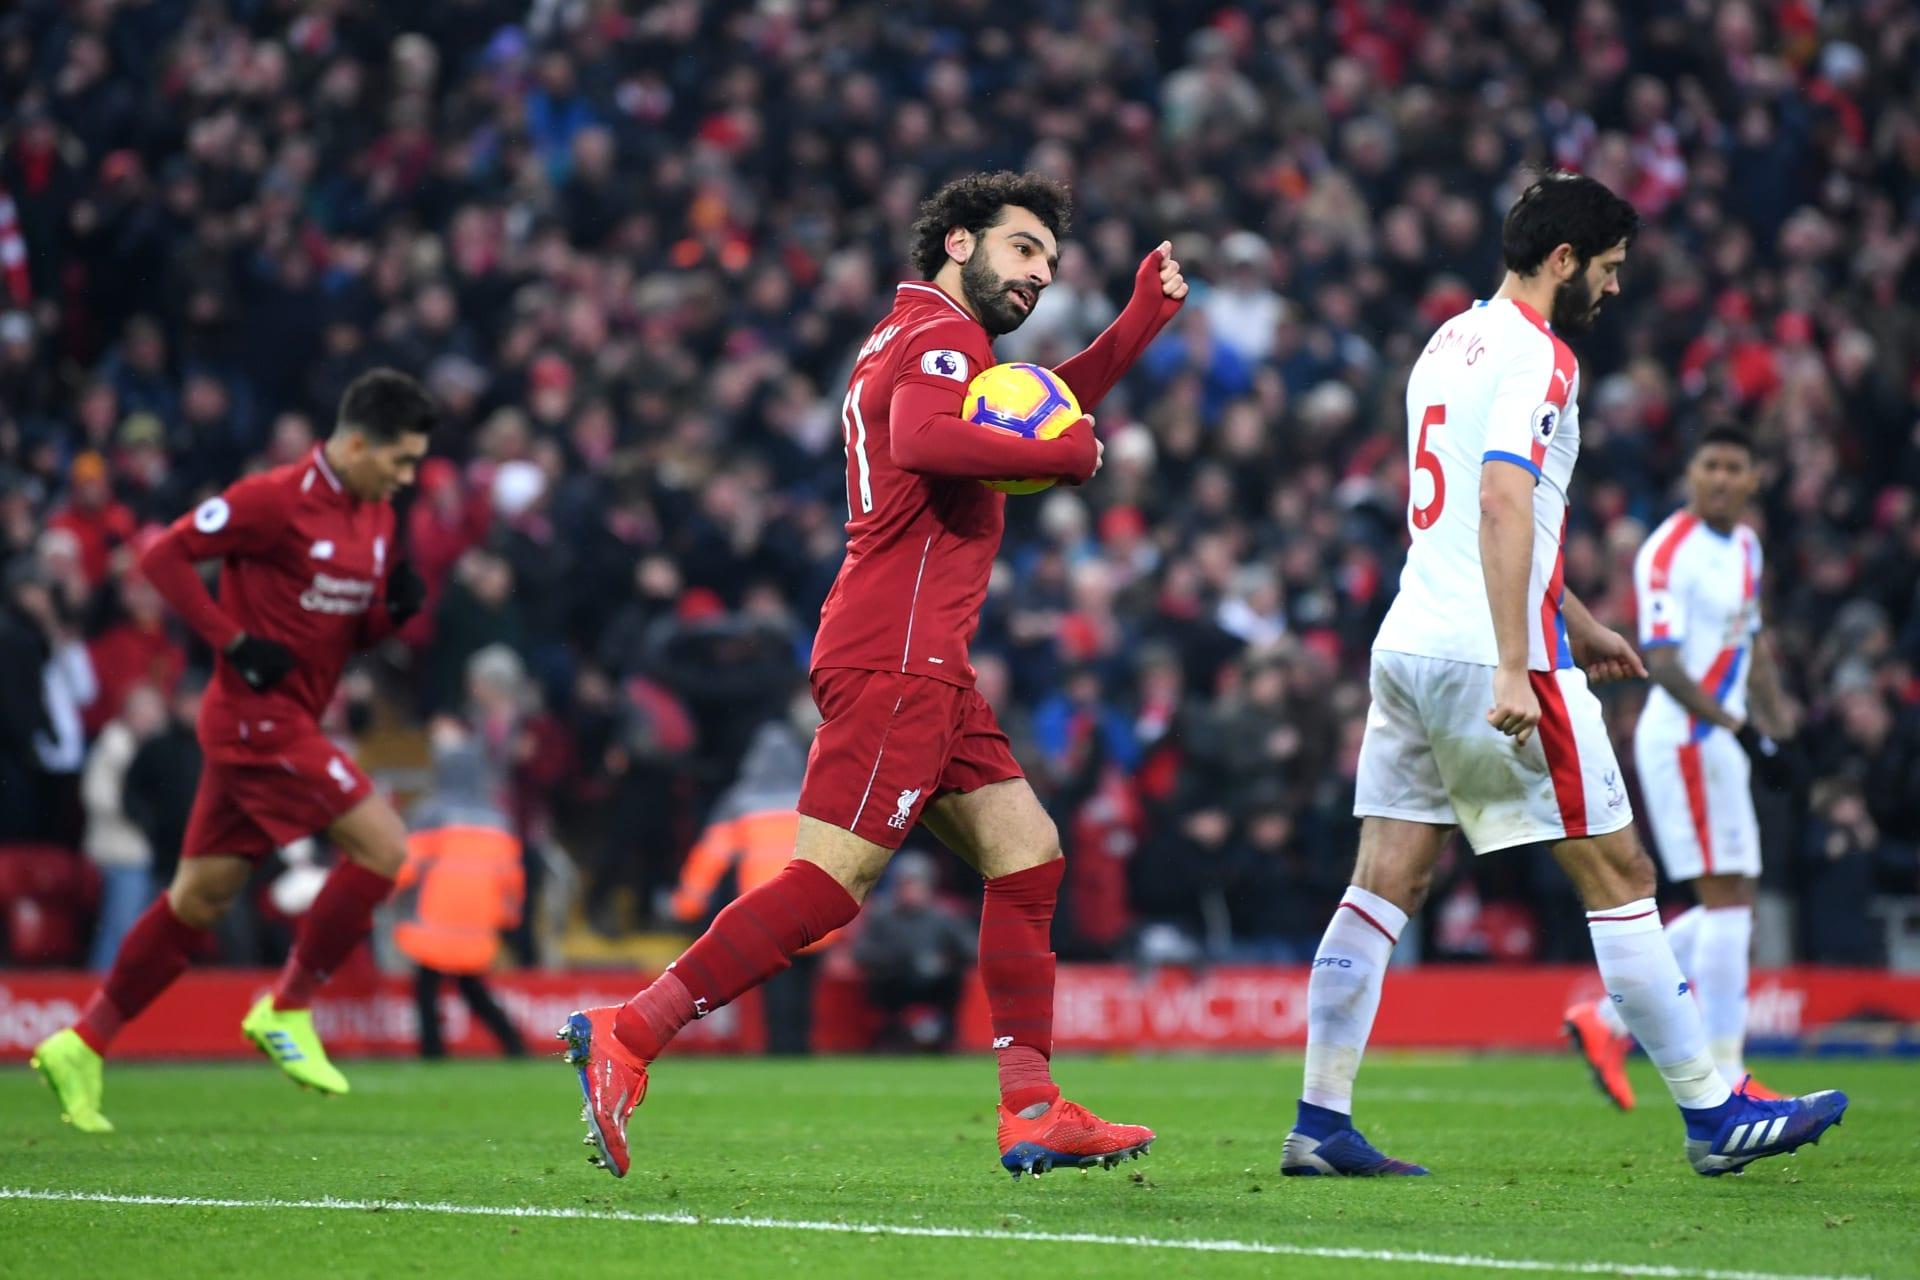 """إنجاز تاريخي جديد لمحمد صلاح.. """"الفرعون"""" يقود ليفربول لفوز صعب على كريستال"""